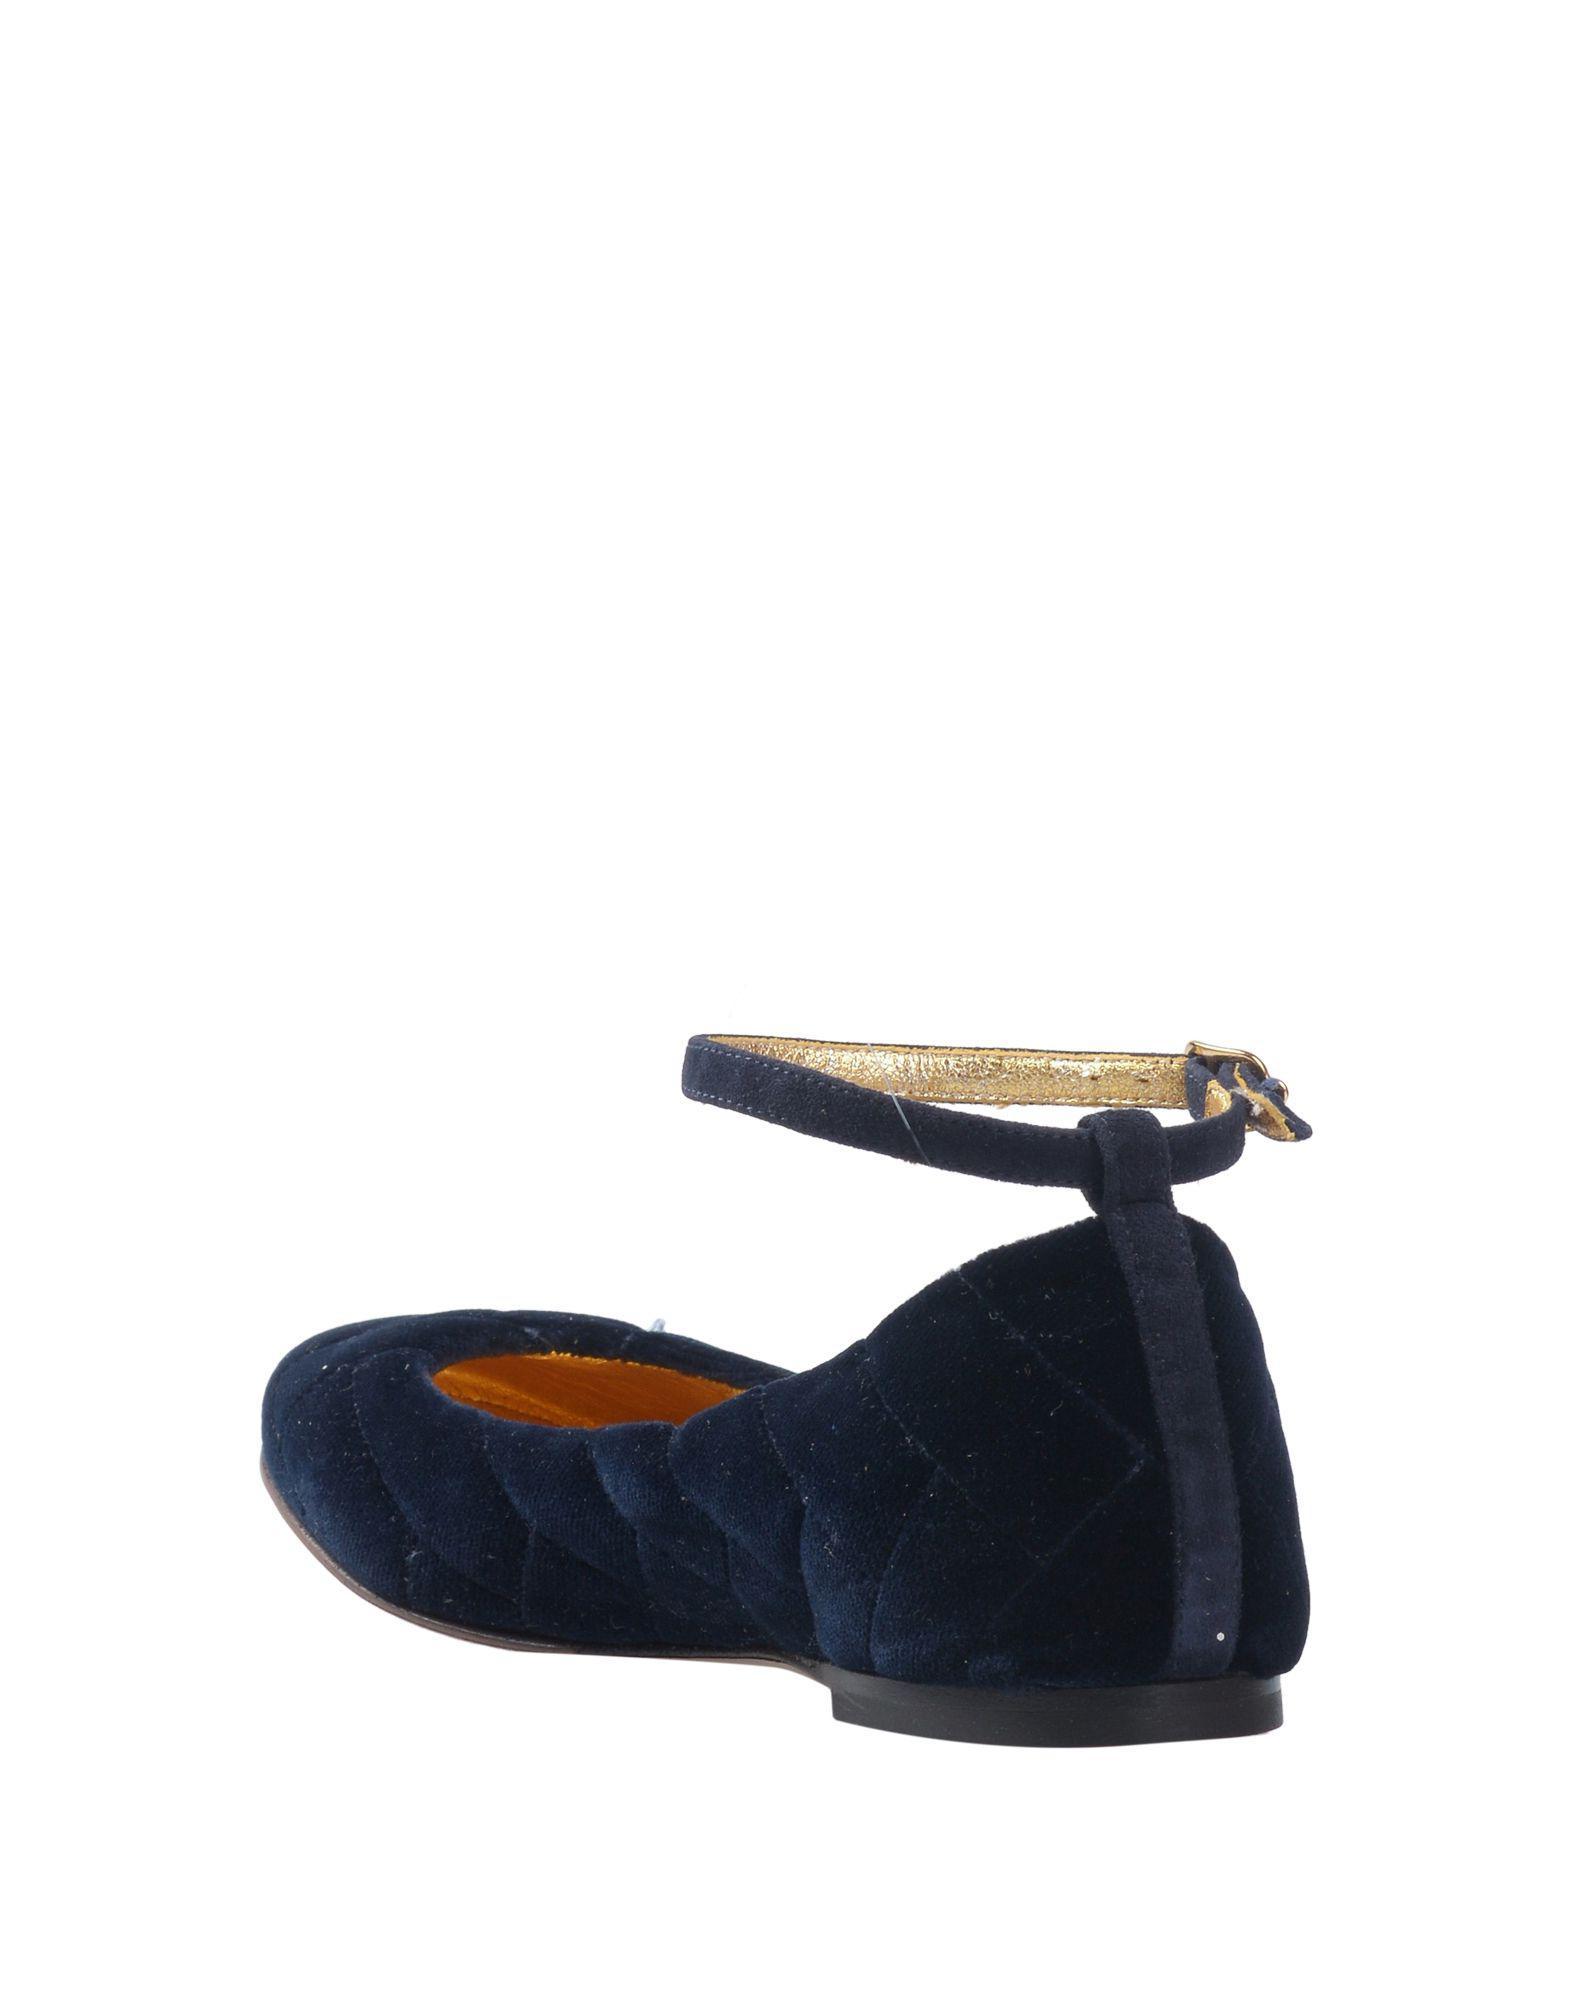 dffb78cf2d8 Lyst - L Autre Chose Ballet Flats in Blue